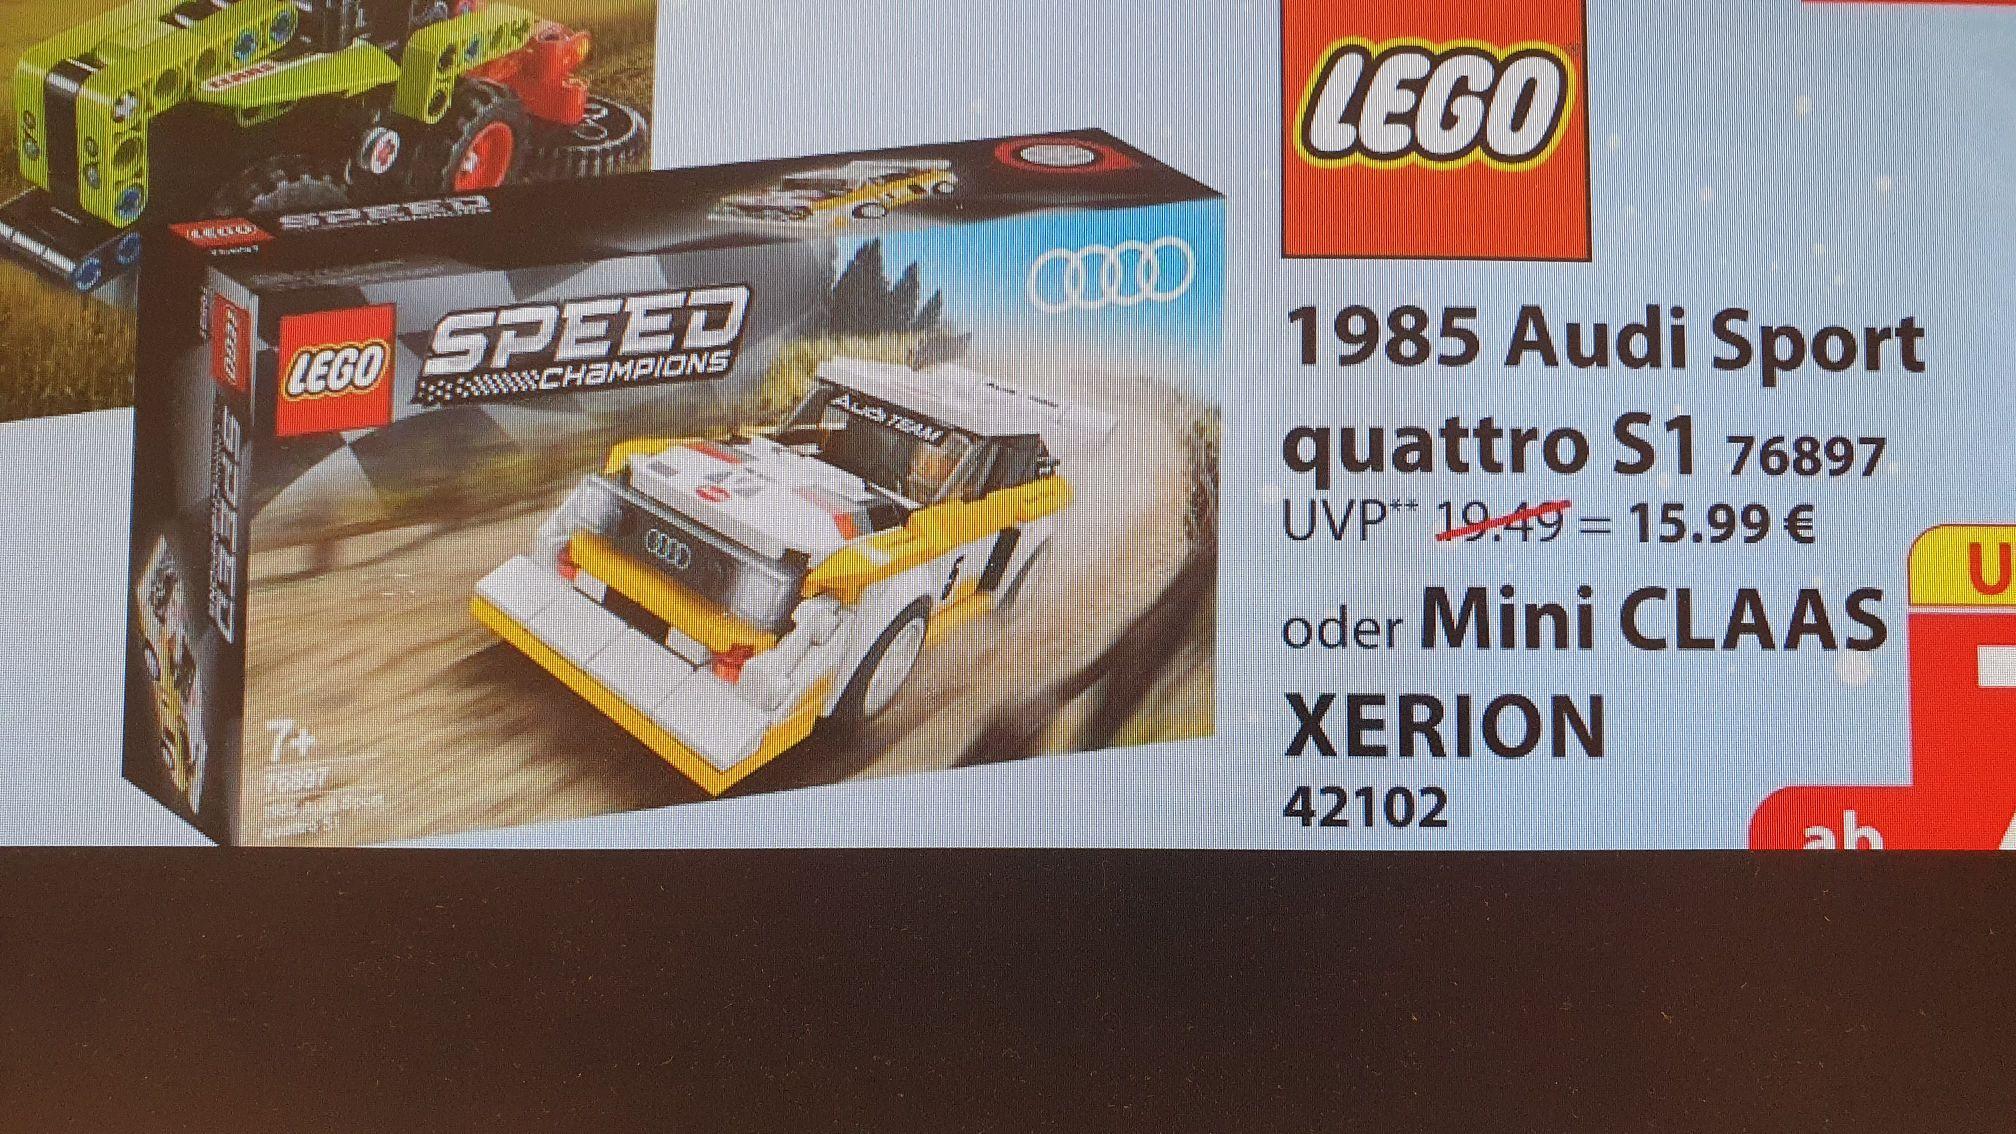 Nur Offline - Lego Speed Champions 1985 Audi Sport quattro S1 (76897)